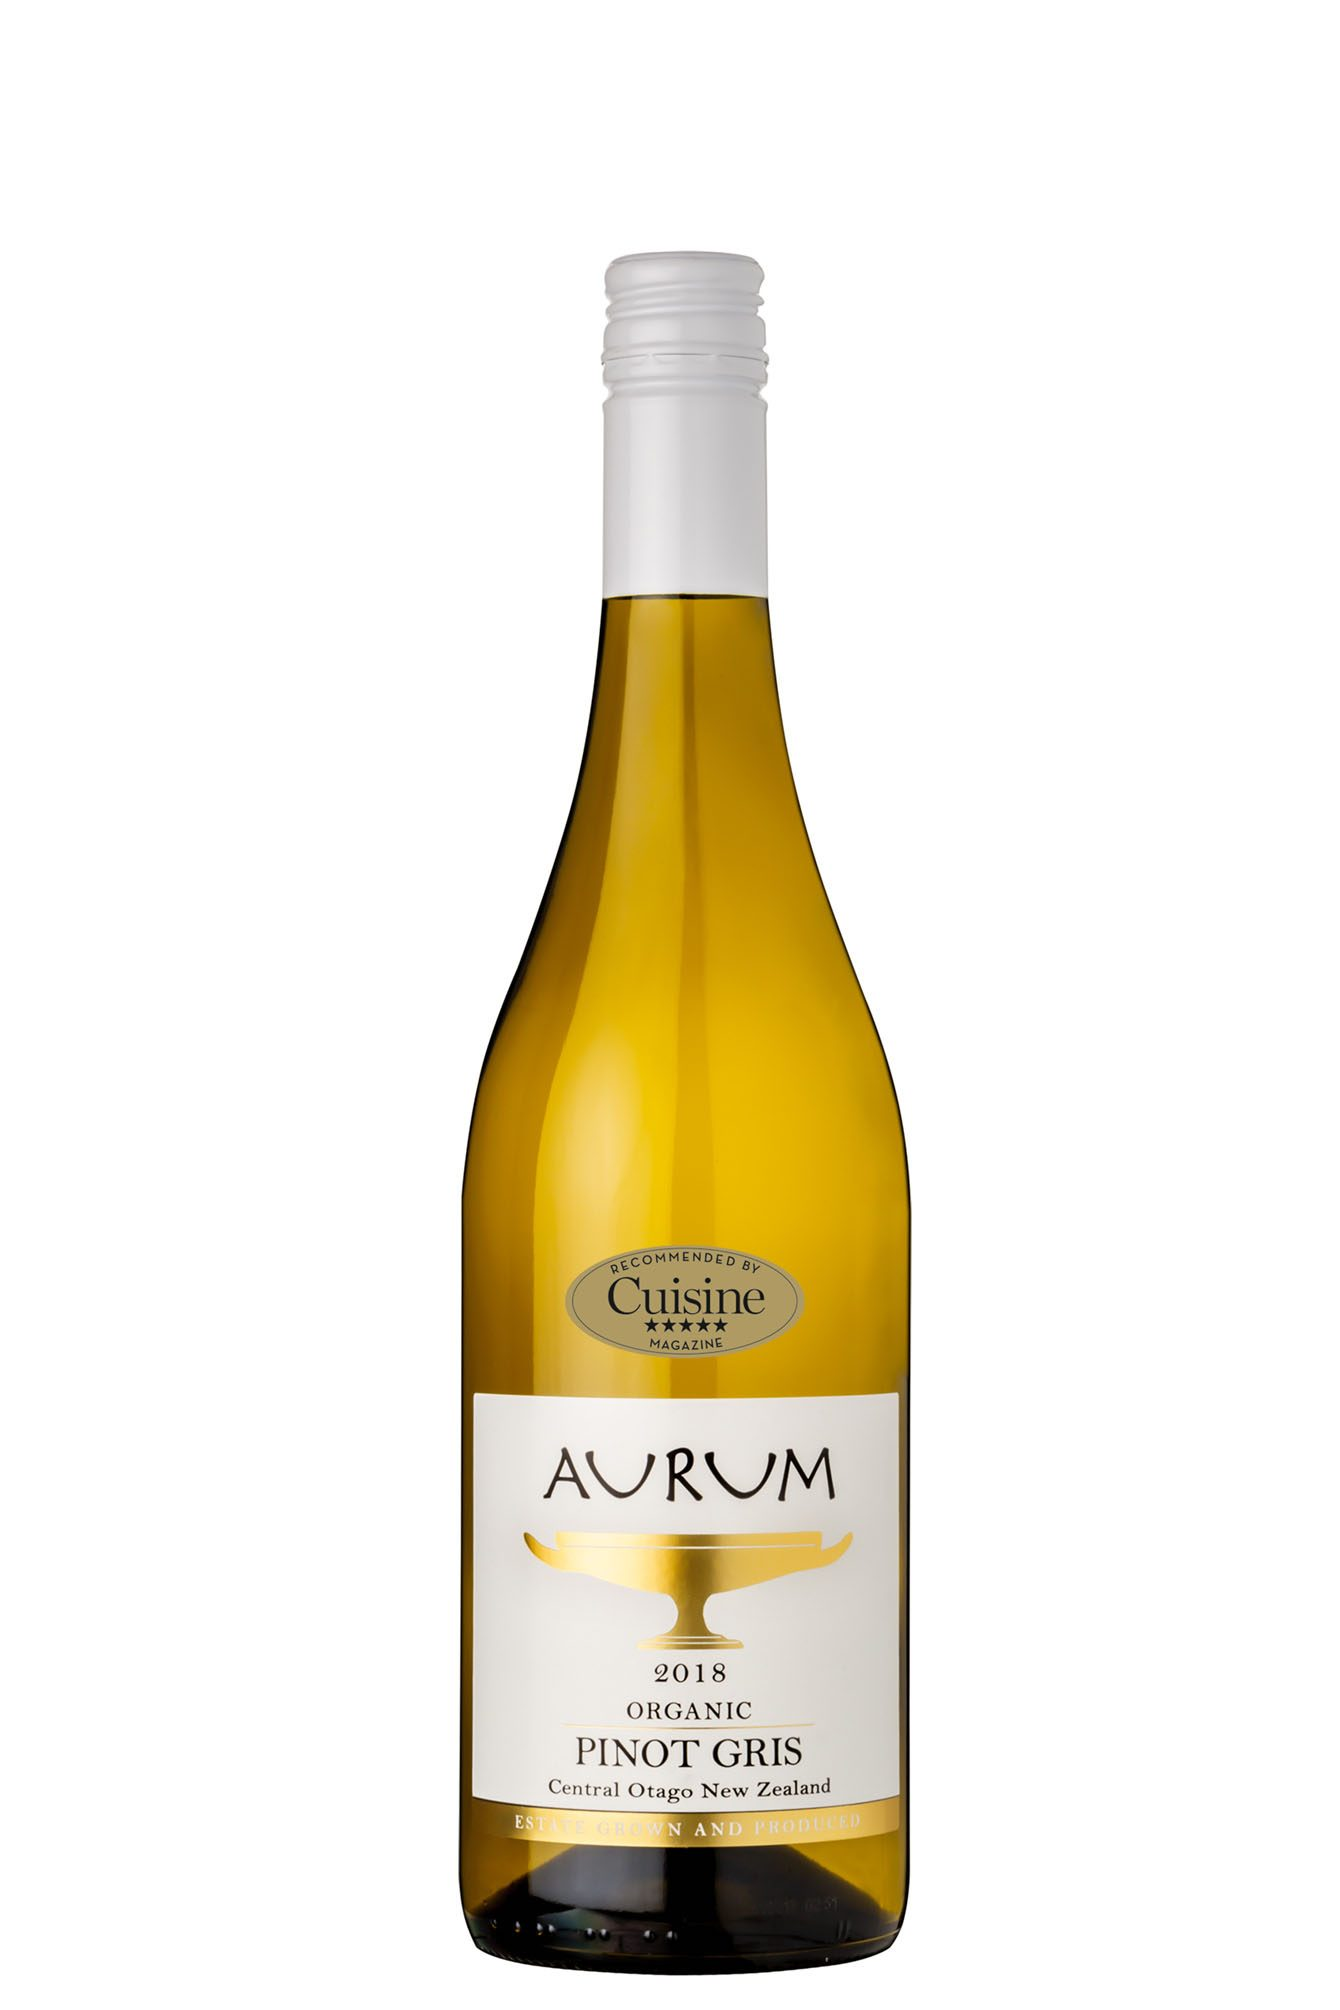 Aurum Organic Pinot Gris 2018 (Central Otago)